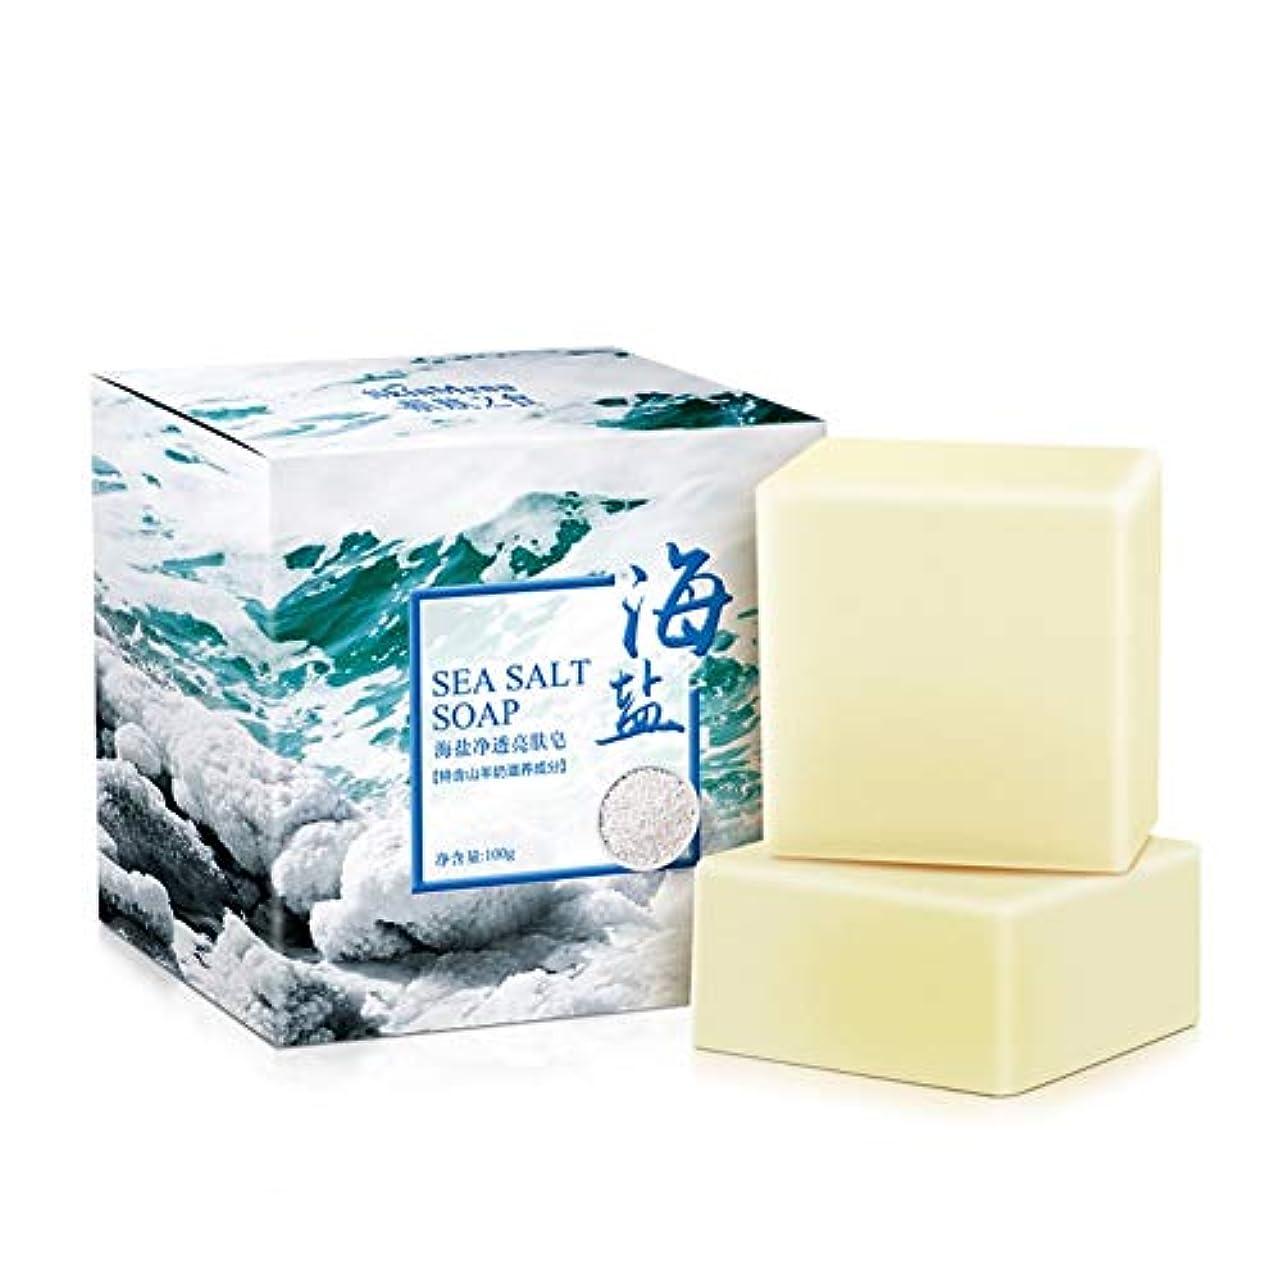 手配する辞書普通のKISSION せっけん 透明な半透明石鹸 海塩が豊富 ローカストソープ ダニをすばやく削除 無添加 敏感 保湿 肌用 毛穴 対策 パーソナルケア製品